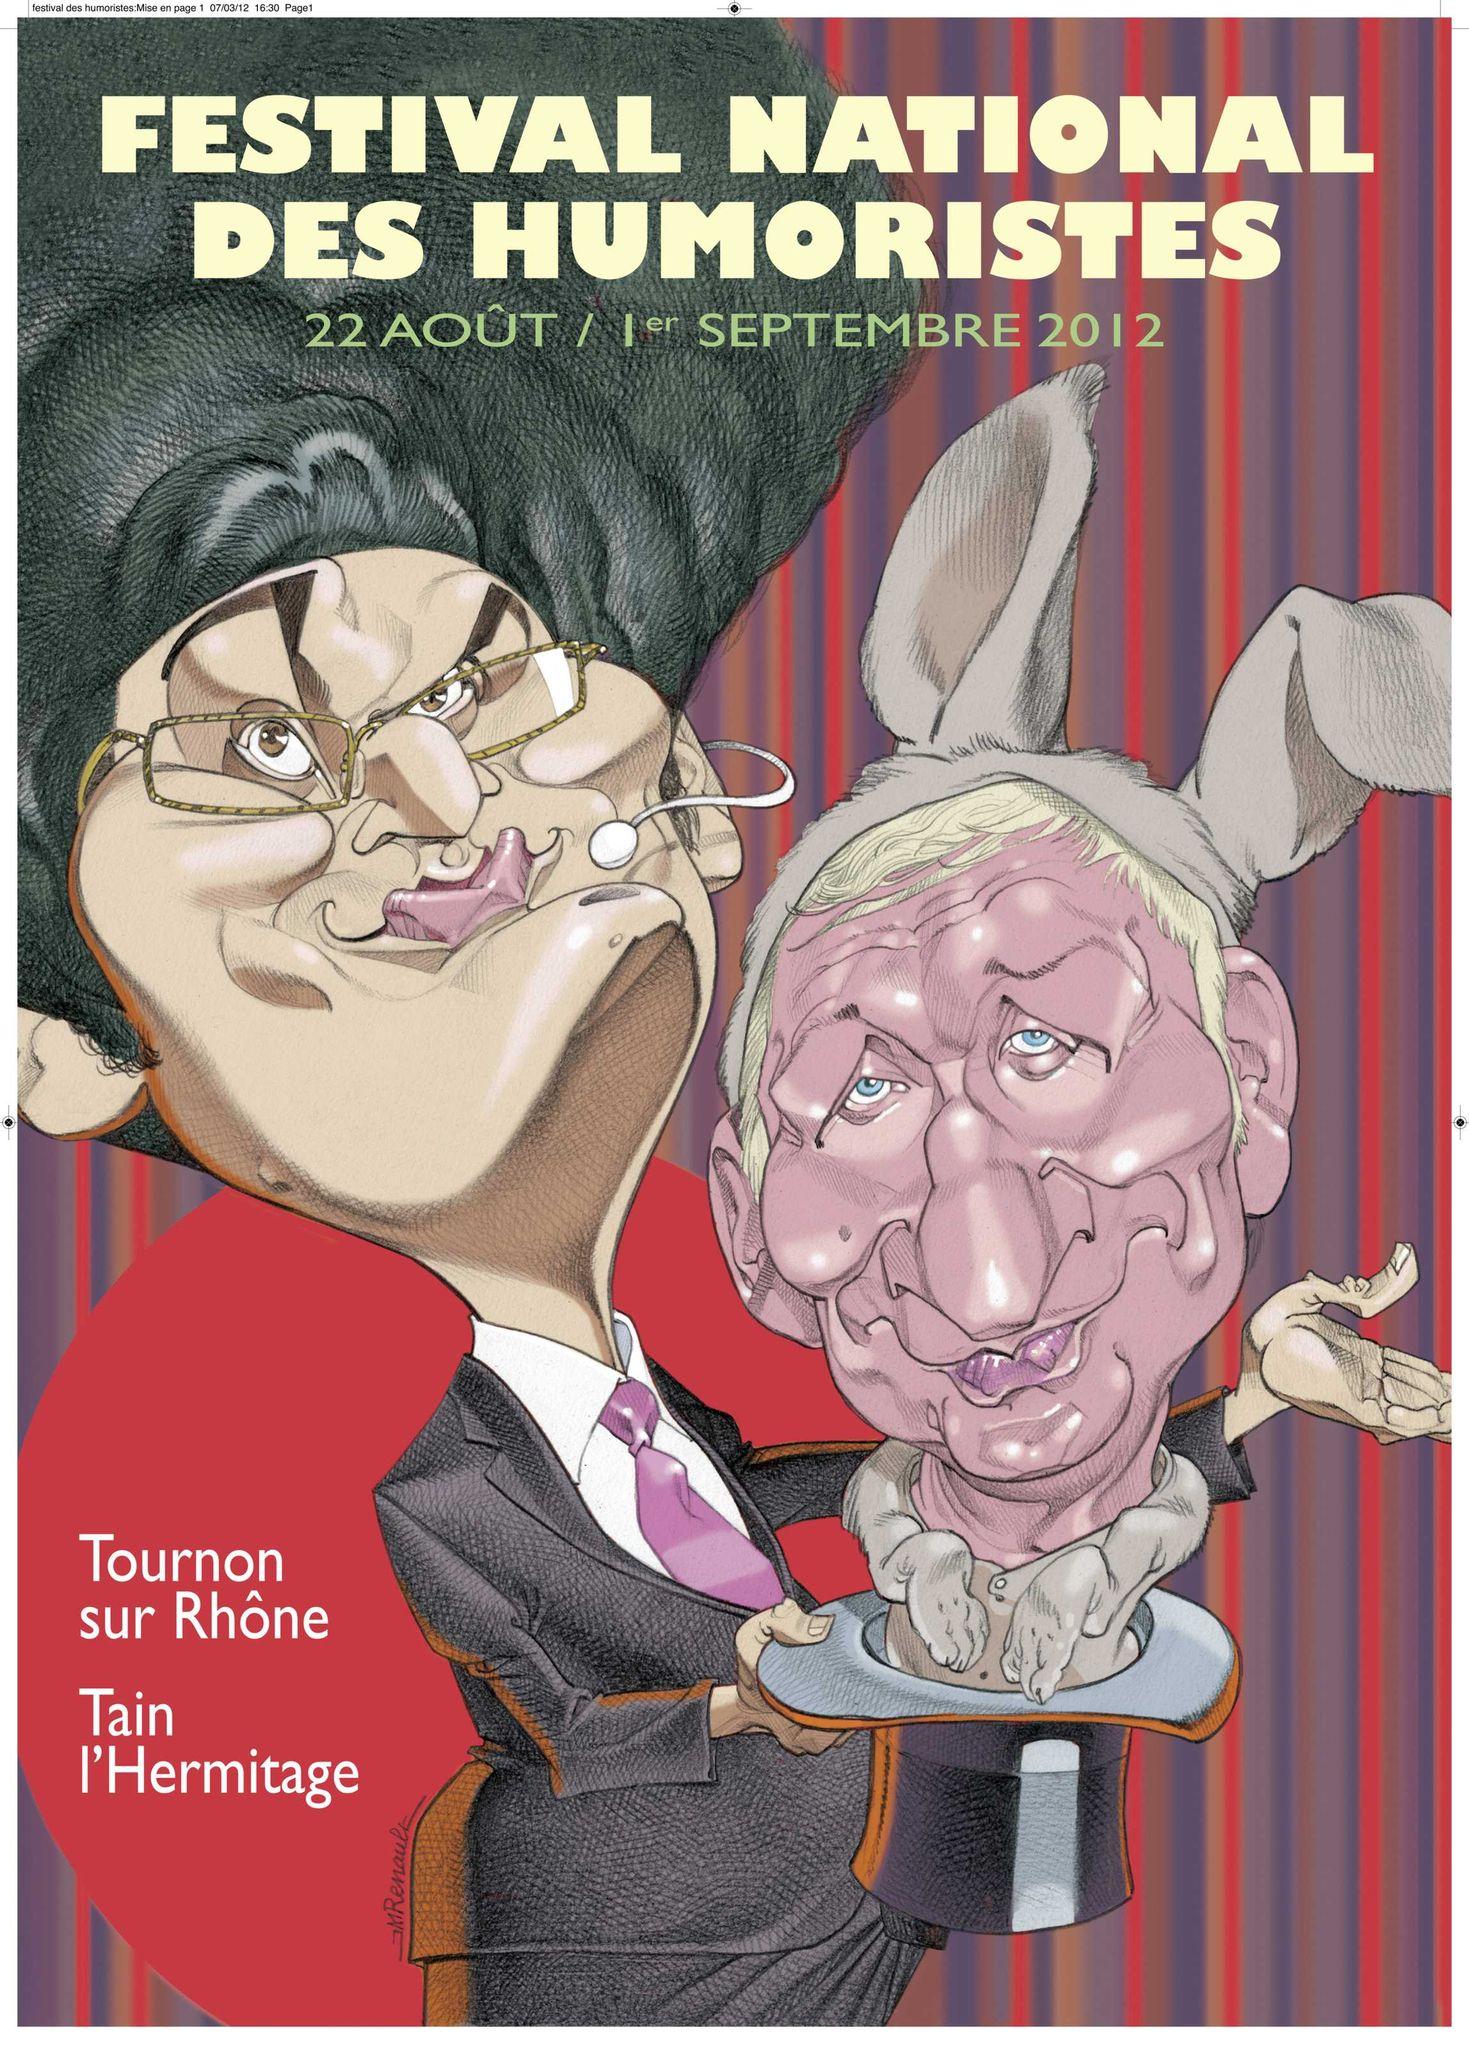 Affiche_festival_des_humoristes_2012_5_Mo